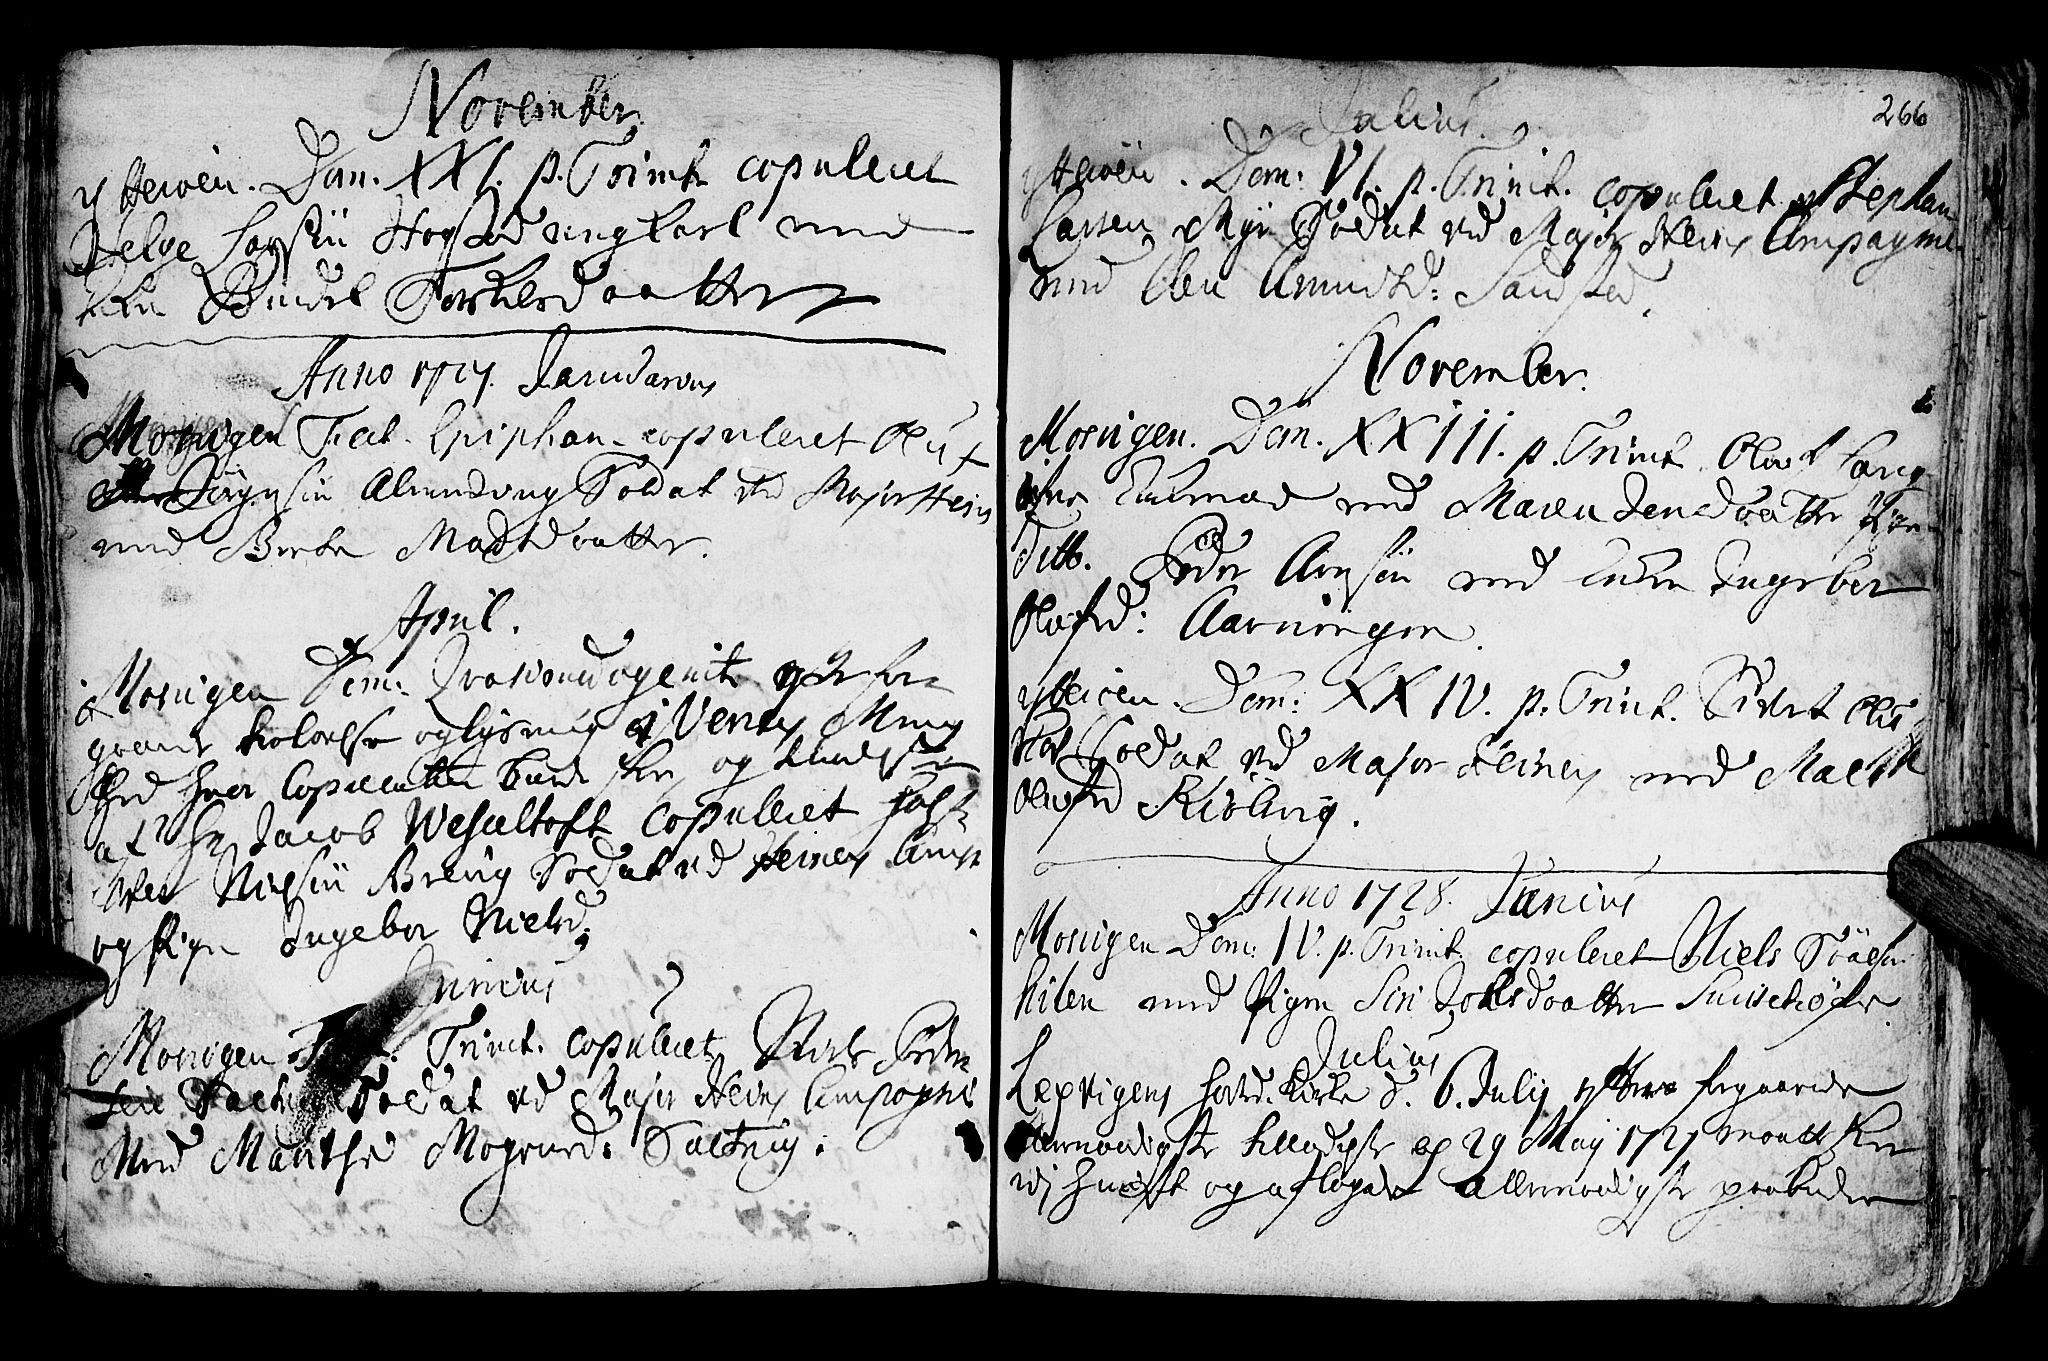 SAT, Ministerialprotokoller, klokkerbøker og fødselsregistre - Nord-Trøndelag, 722/L0215: Ministerialbok nr. 722A02, 1718-1755, s. 266